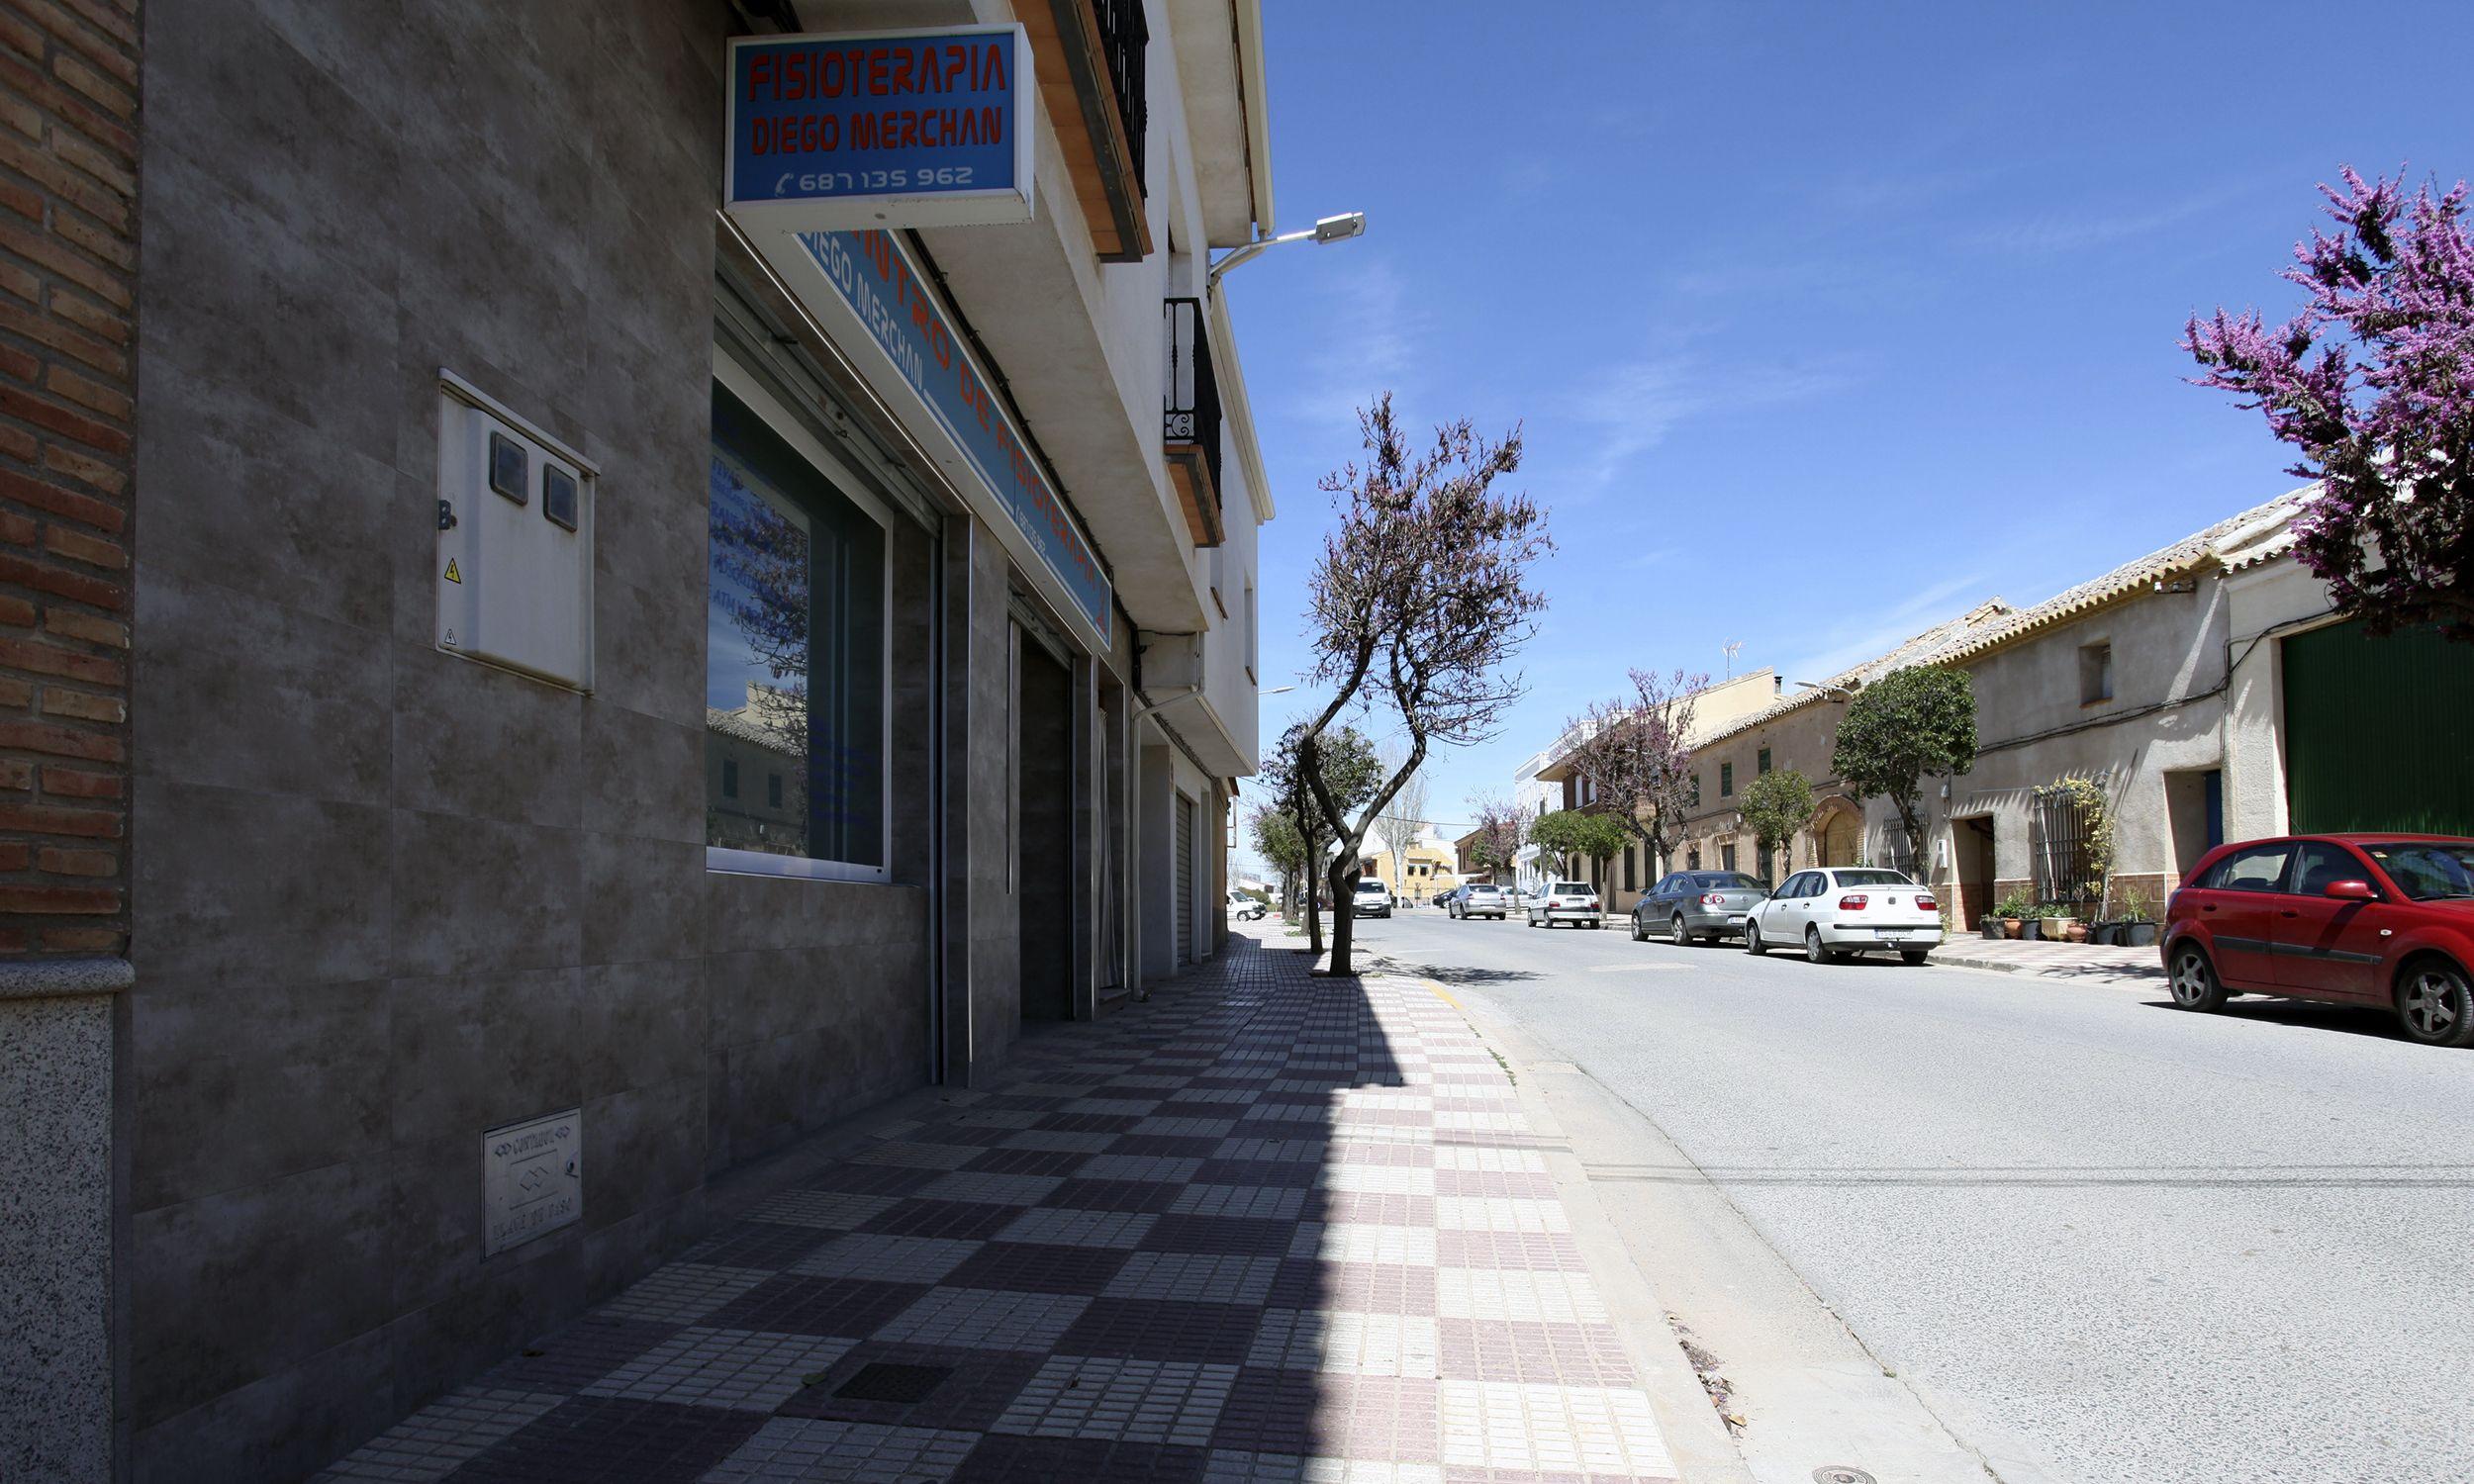 Centros de fisioterapia en Madridejos, Toledo